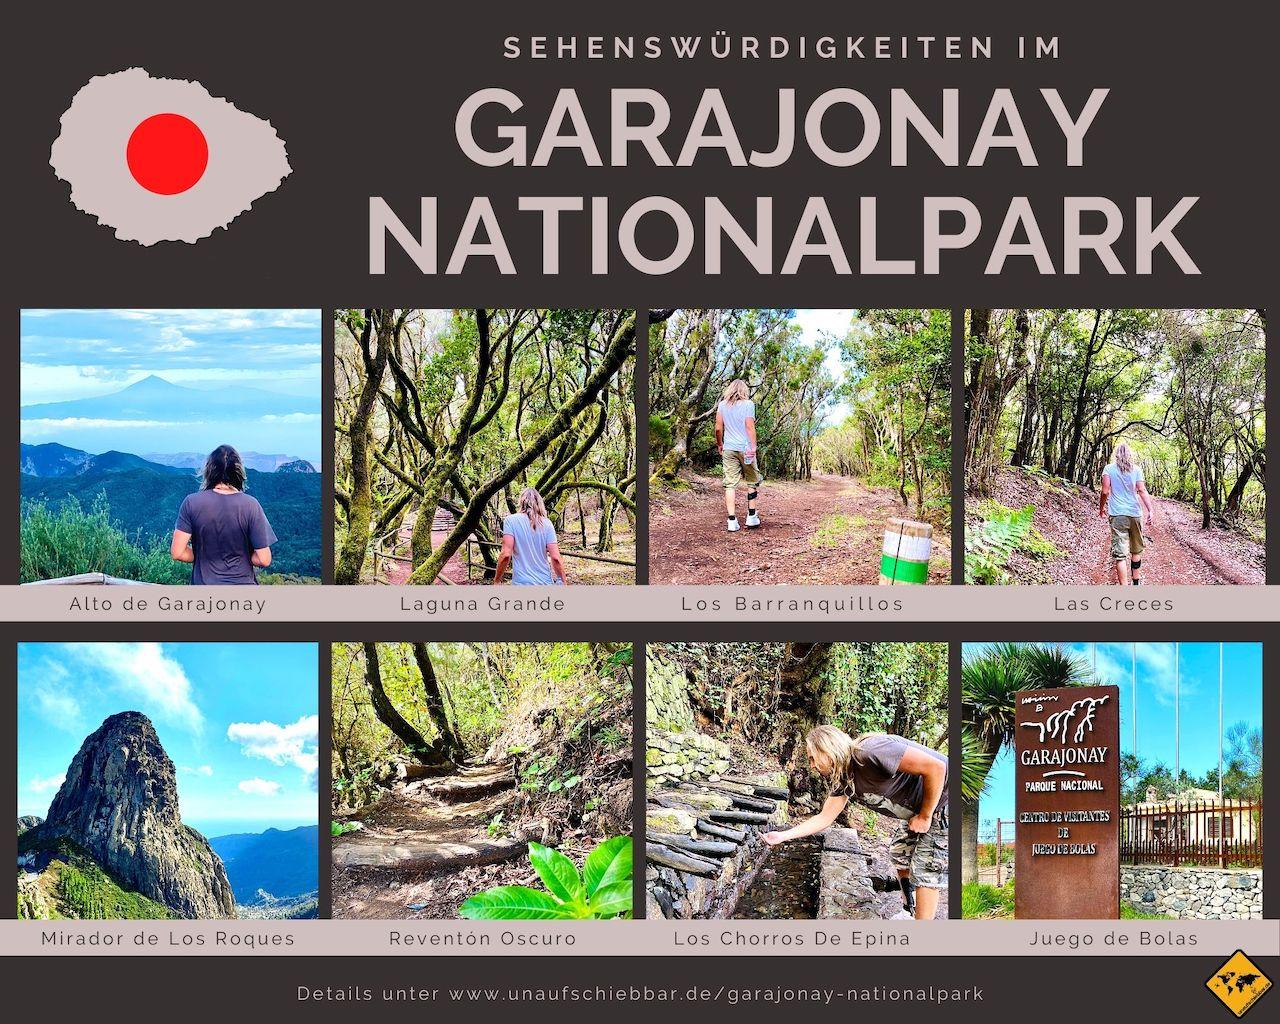 Sehenswürdigkeiten Garajonay Nationalpark La Gomera